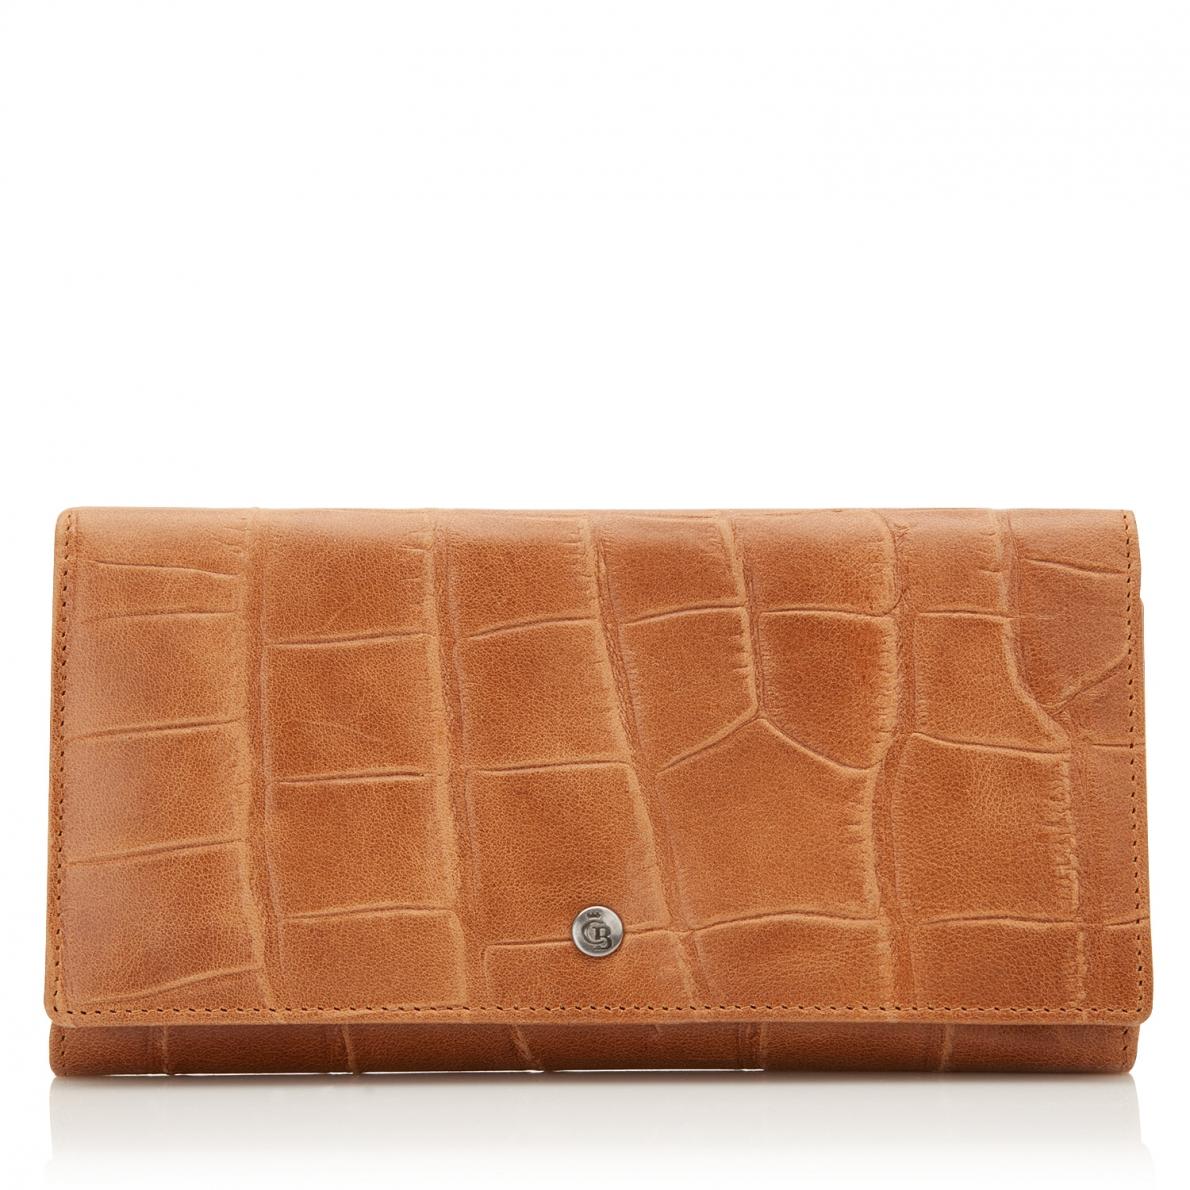 2db382a2a2c Portefeuilles | sacs à main et autres accessoires spéciaux